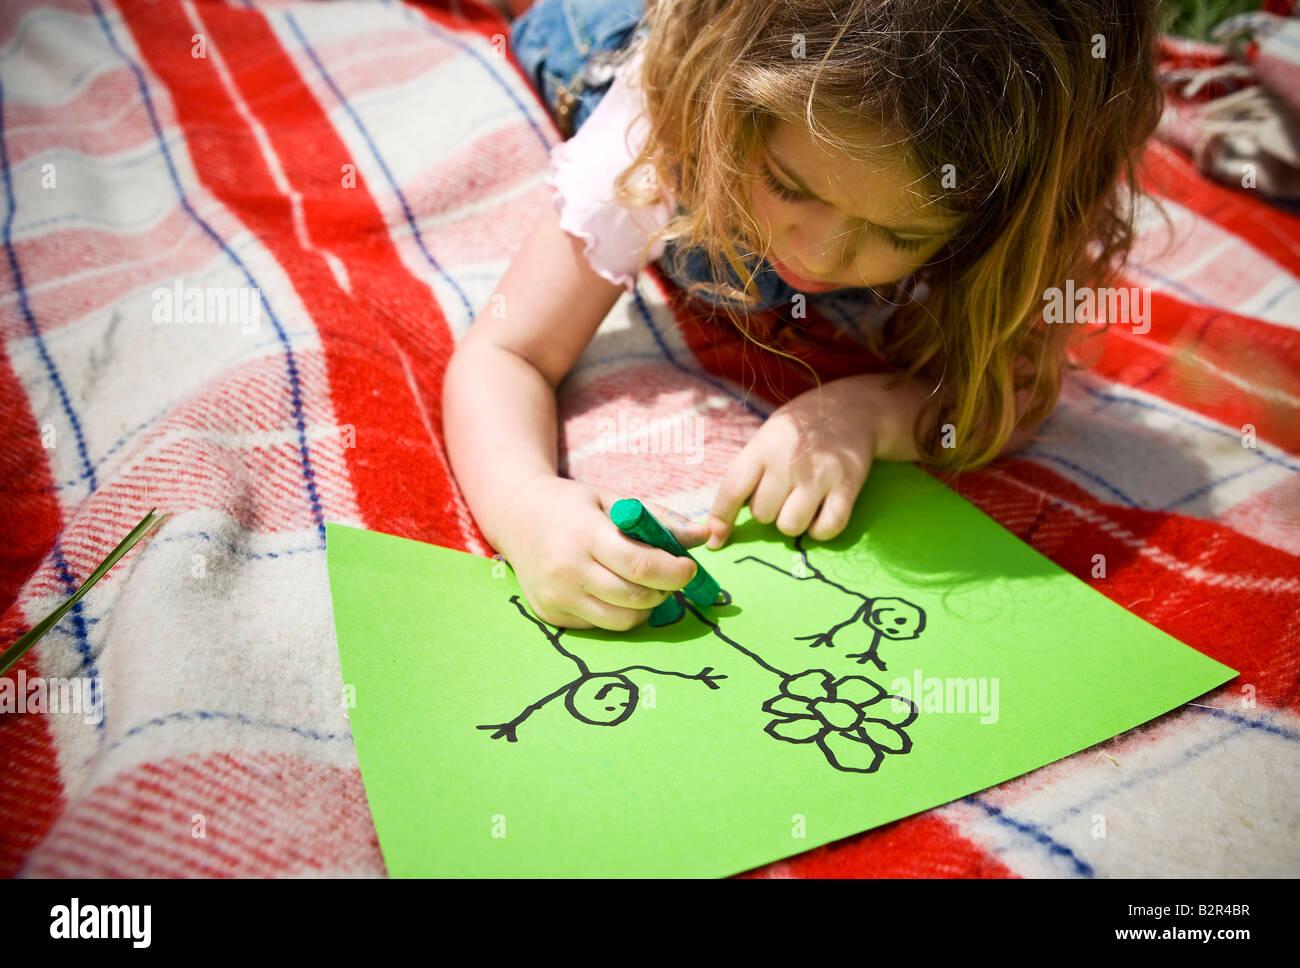 Mädchen Färbung einer Zeichnungsteils Stockbild